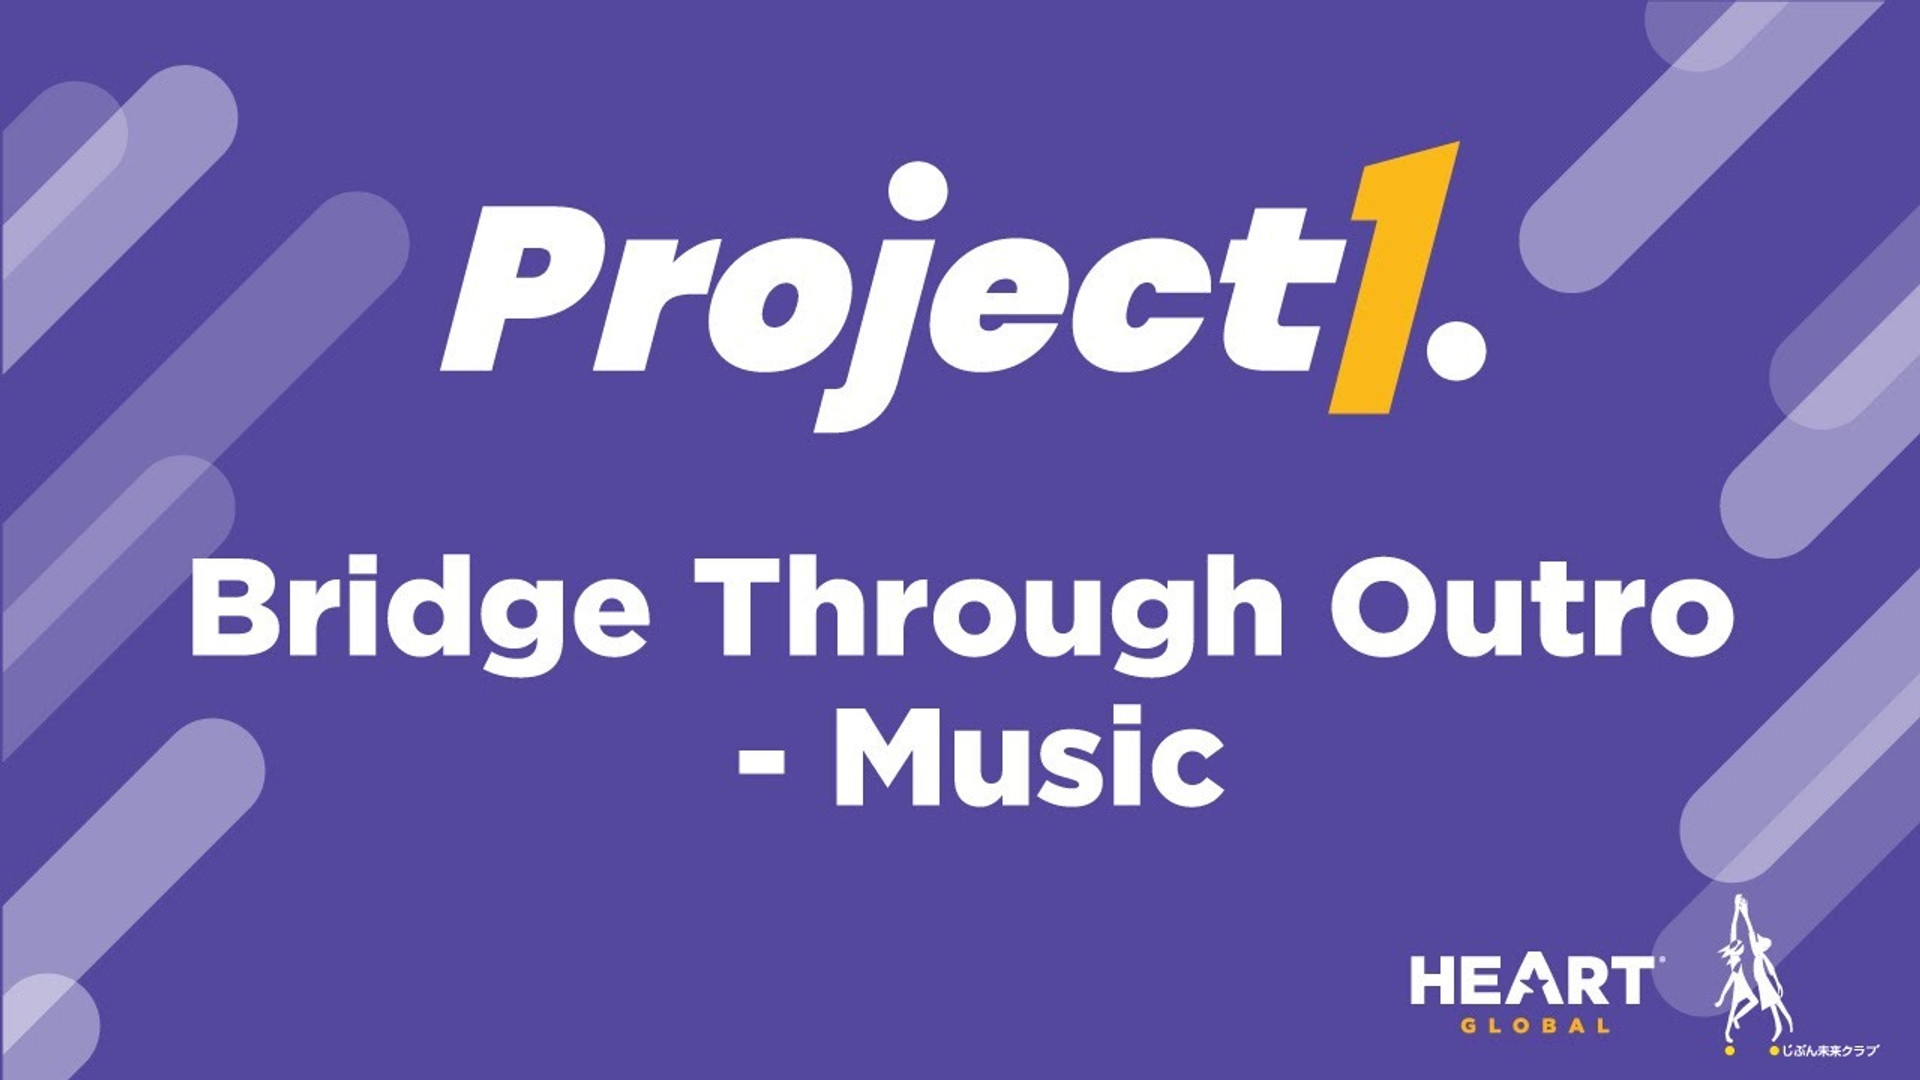 Bridge Through Outro - Music